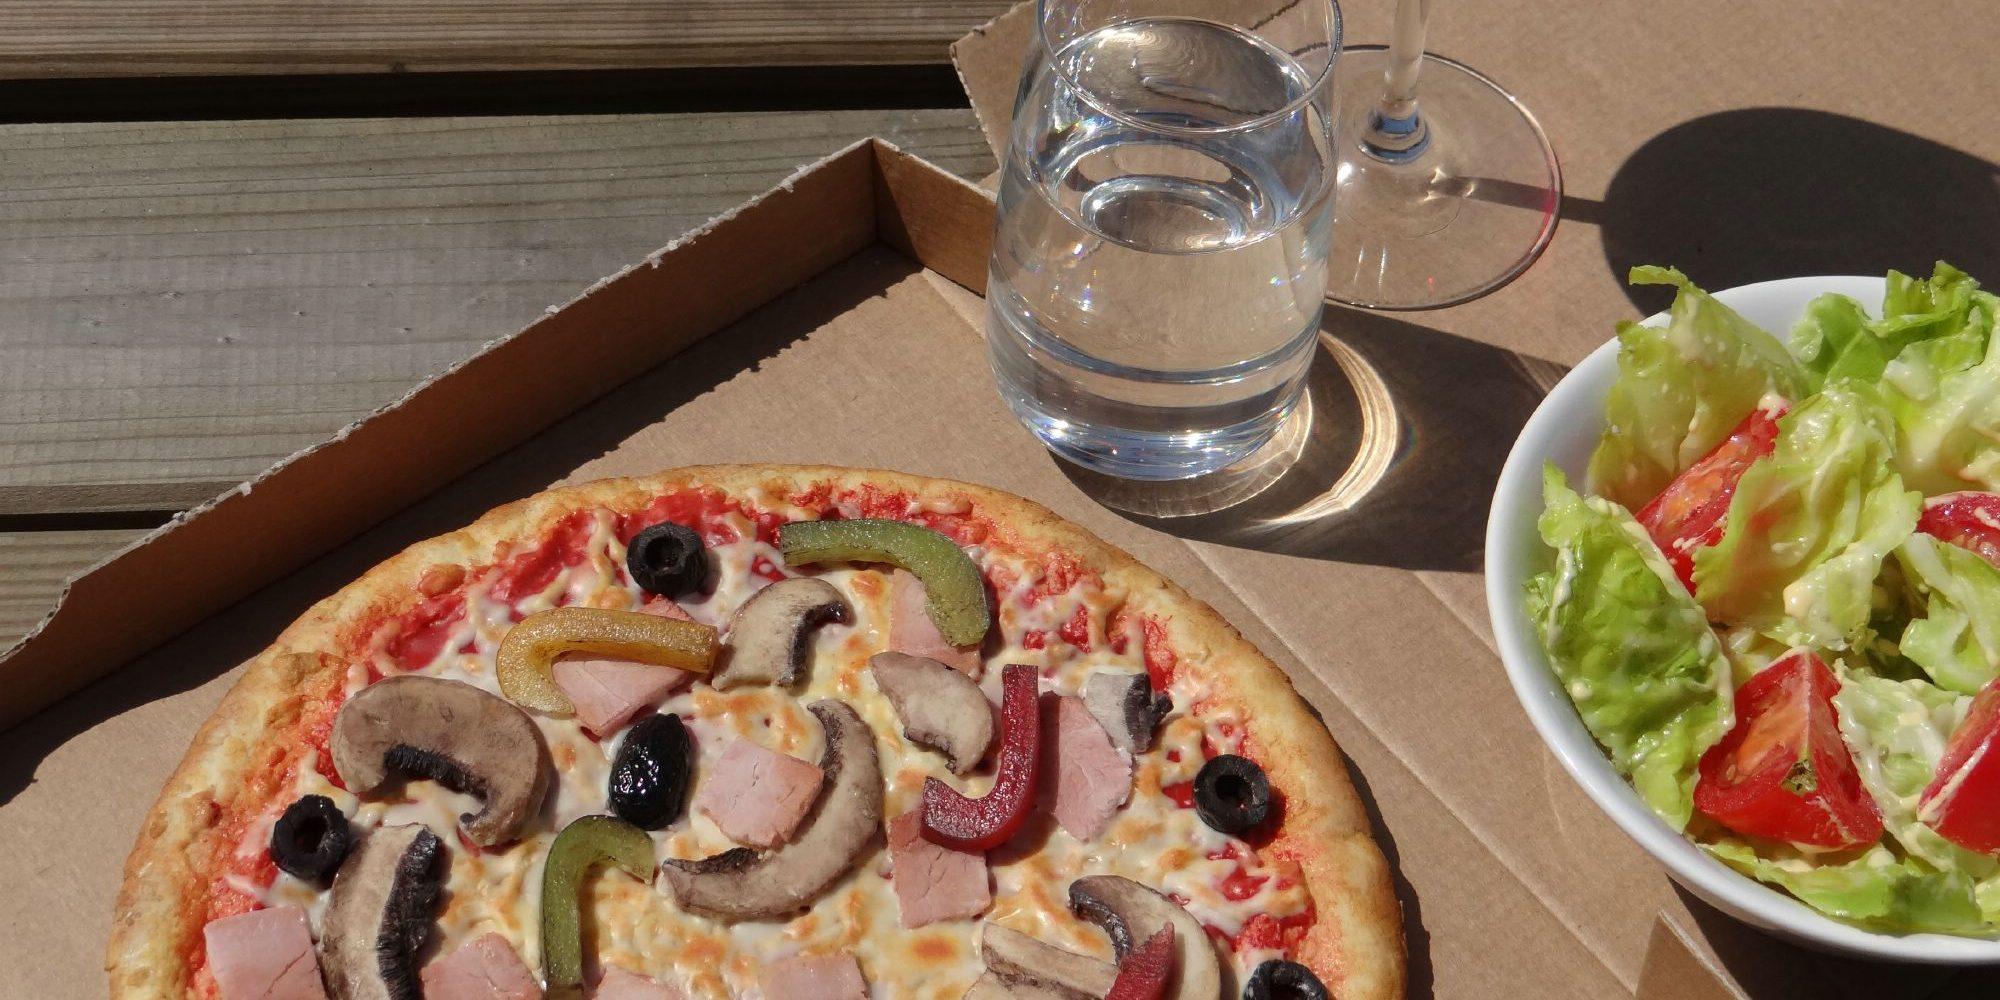 fausse pizza faite en résine accompagnée de sa salade factice et de ses fausses boissons